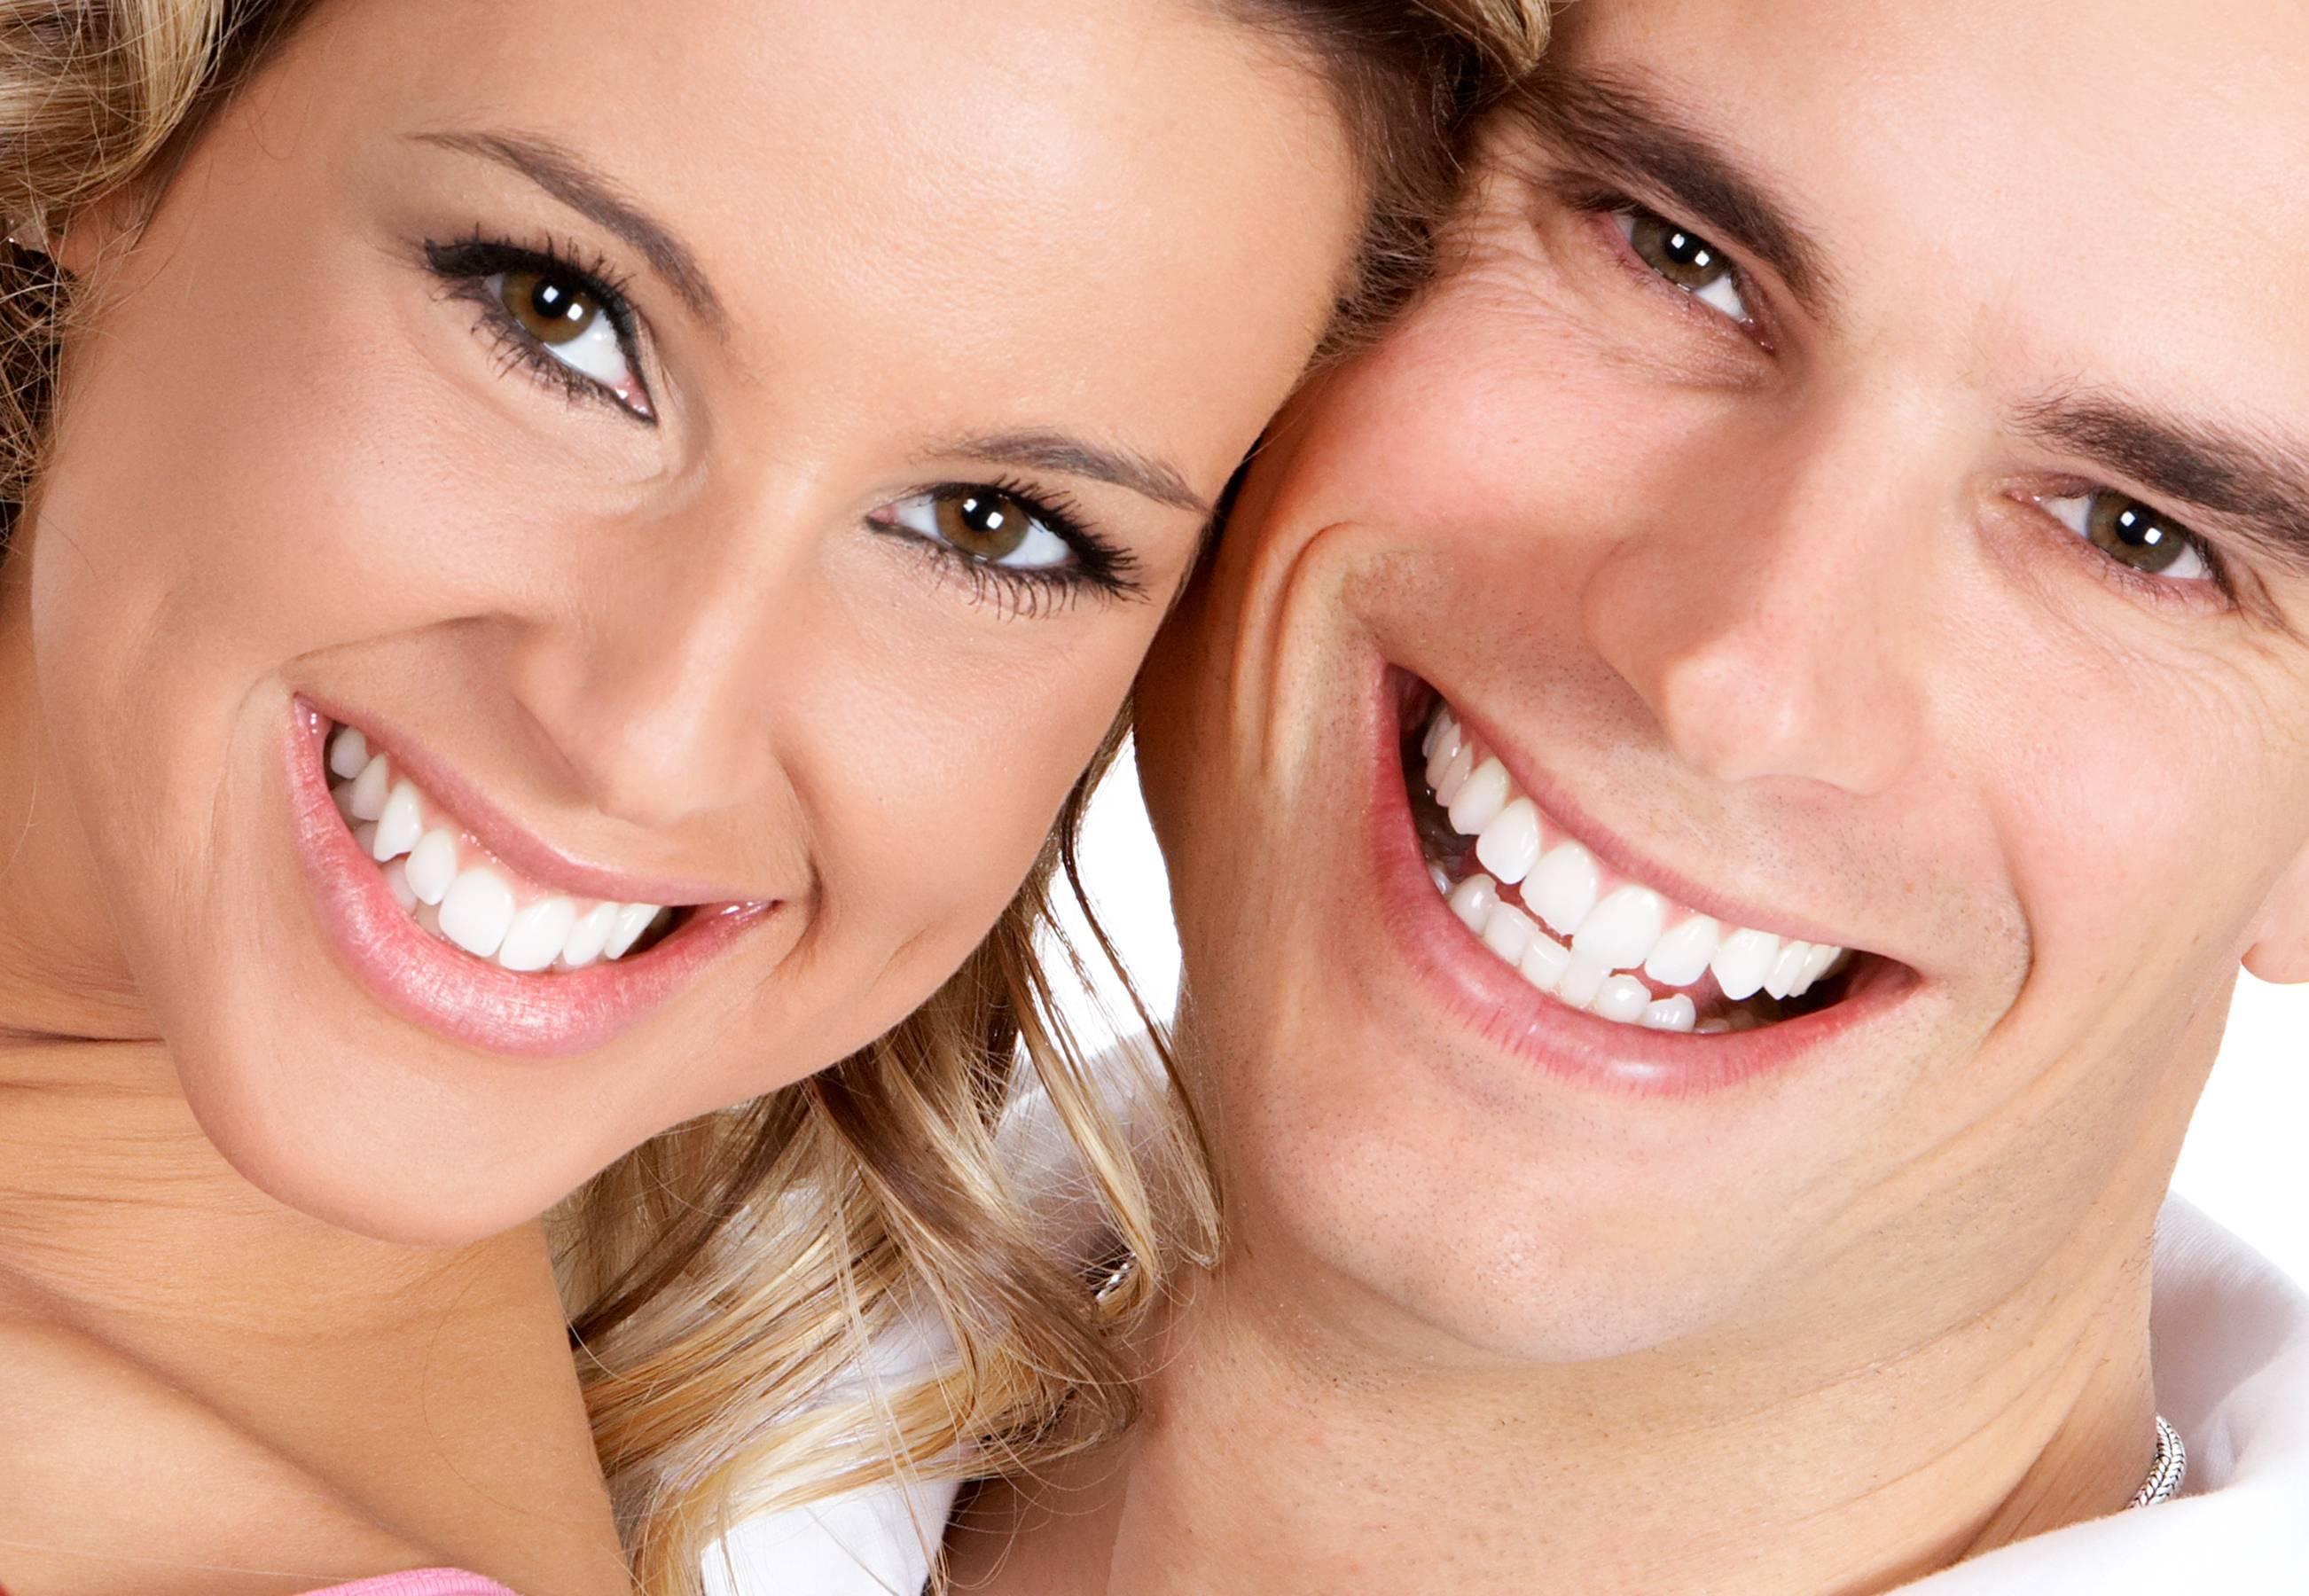 Сногсшибательная улыбка – как научиться красиво улыбаться. секрет голливудской улыбки